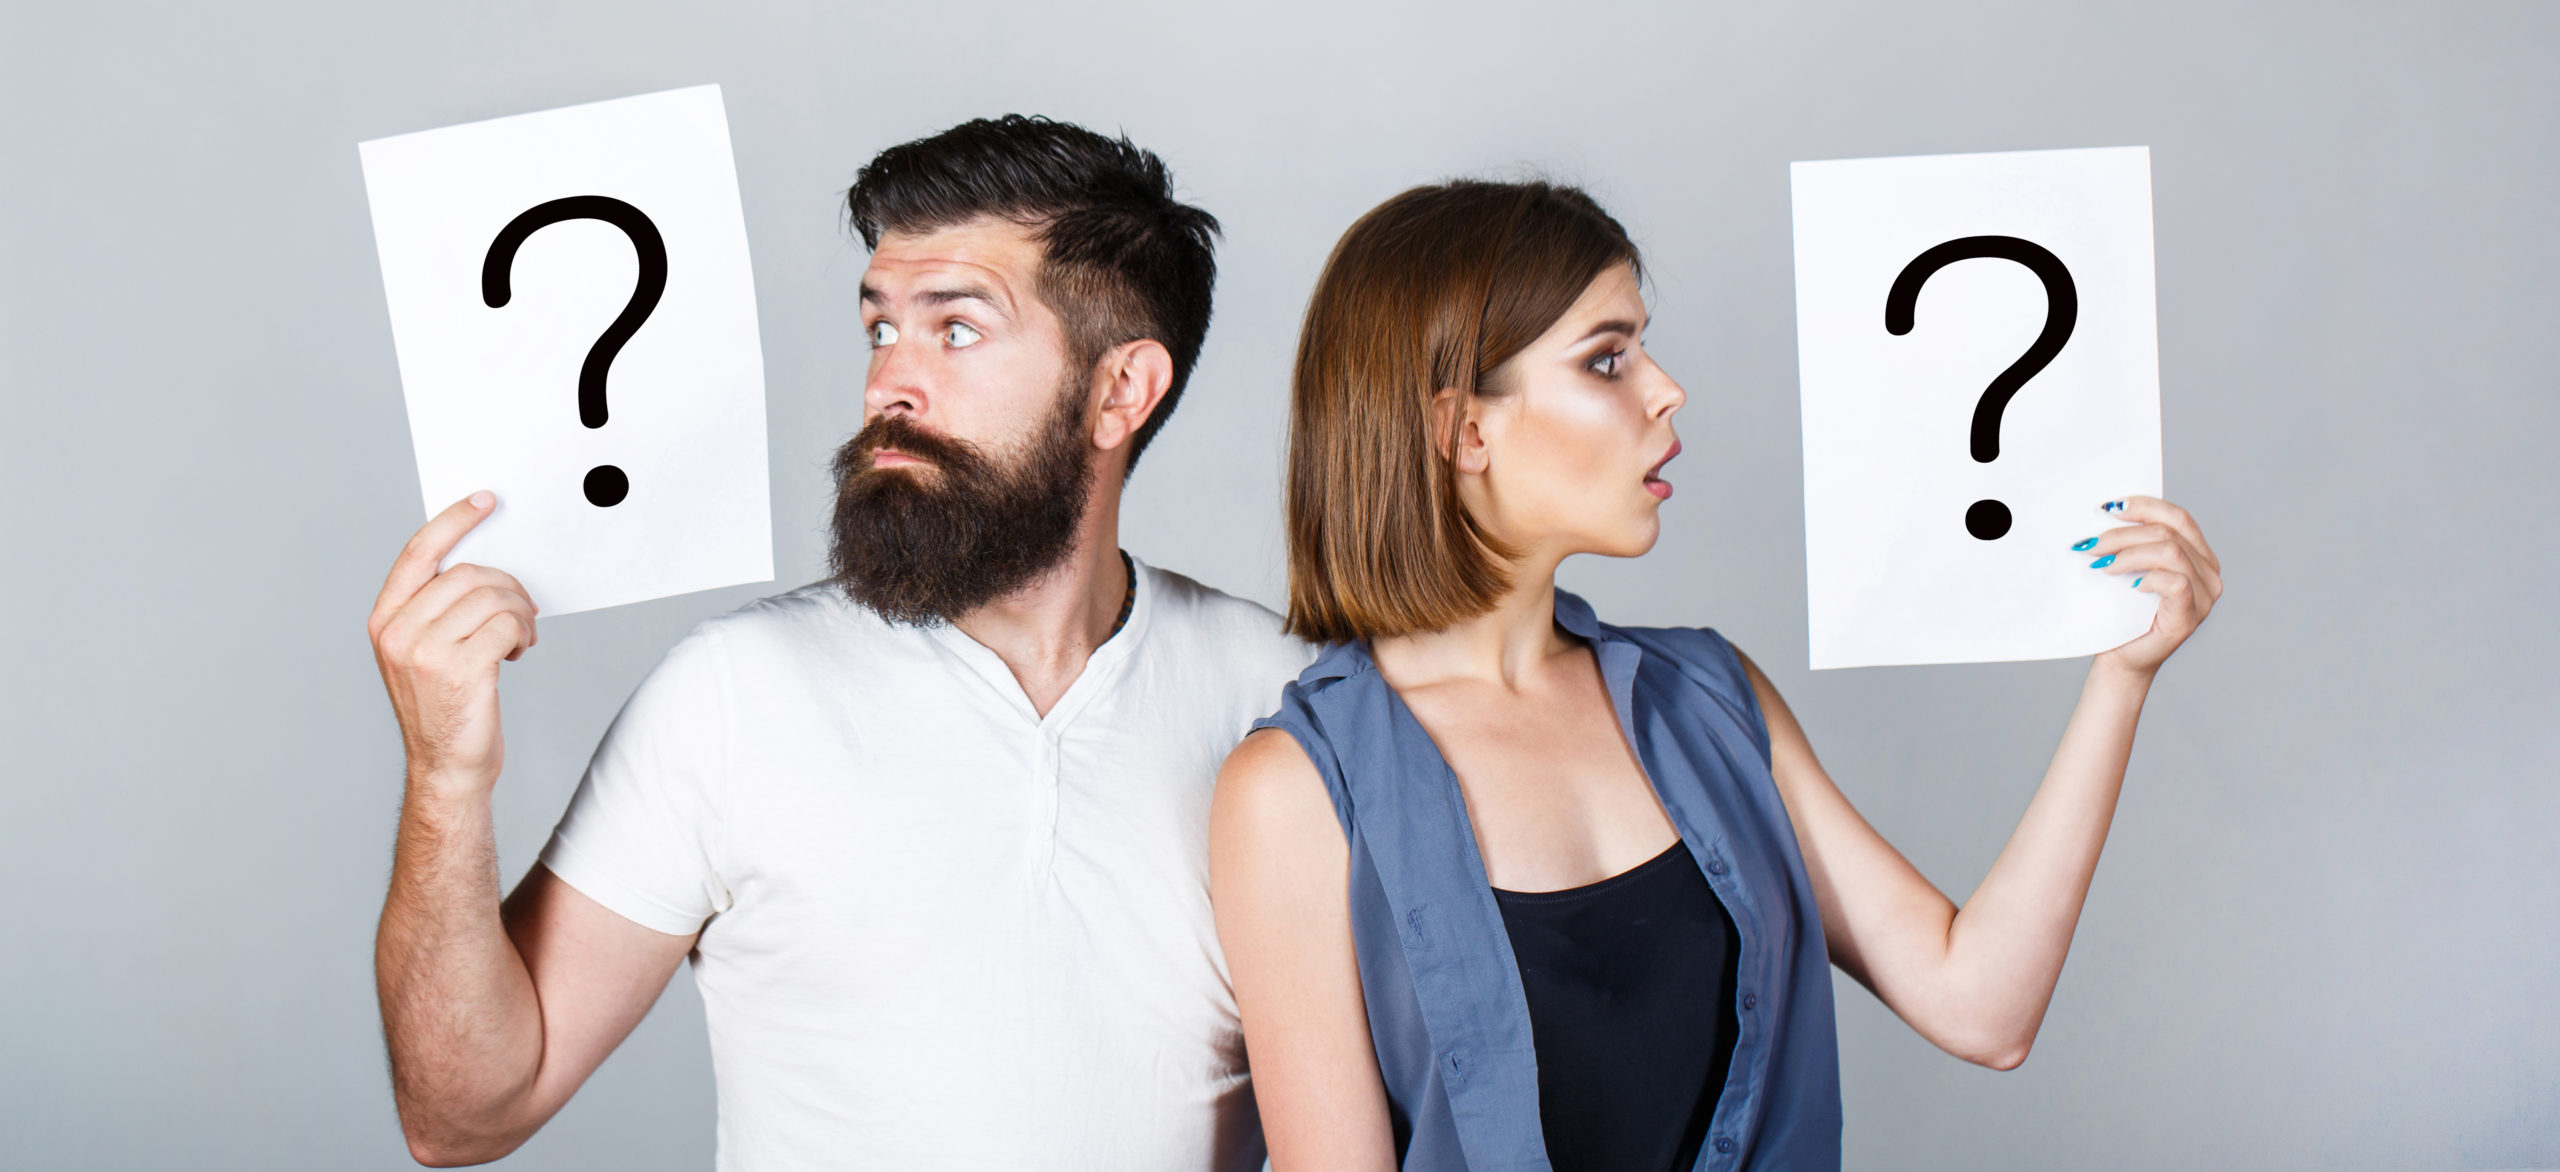 portrait-couple-holding-paper-question-mark-1208420935